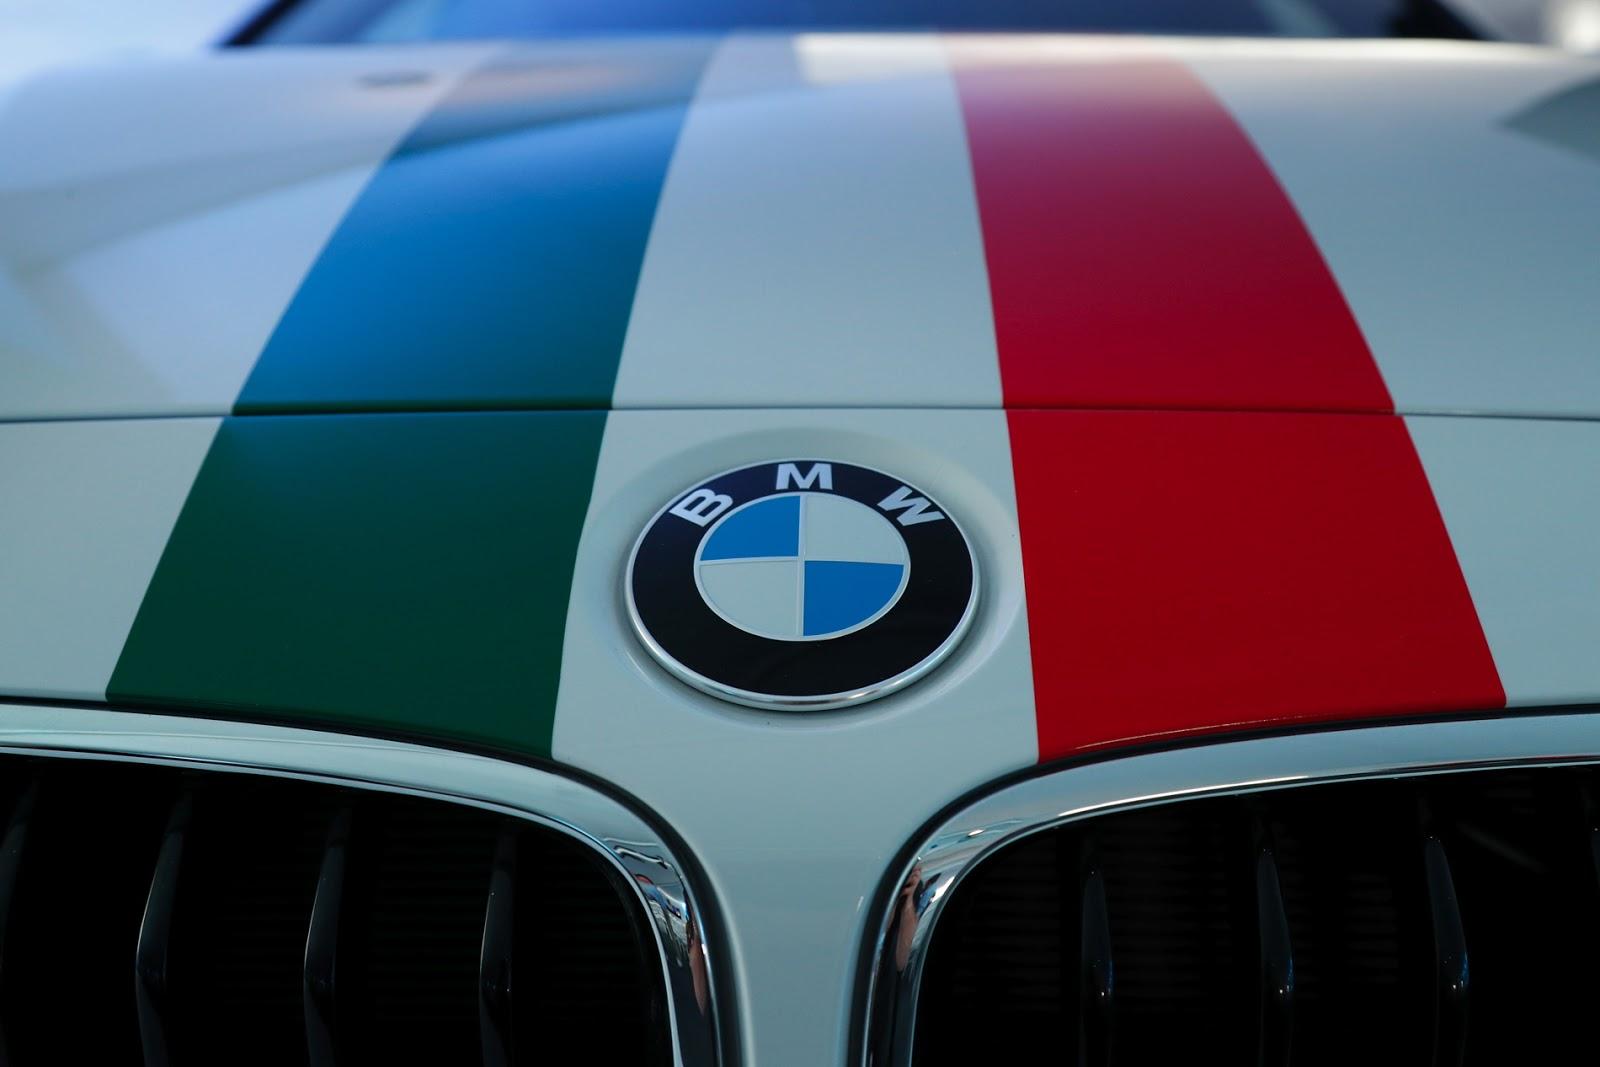 BMW mantiene su plan de inversión en México pese a amenazas de Trump